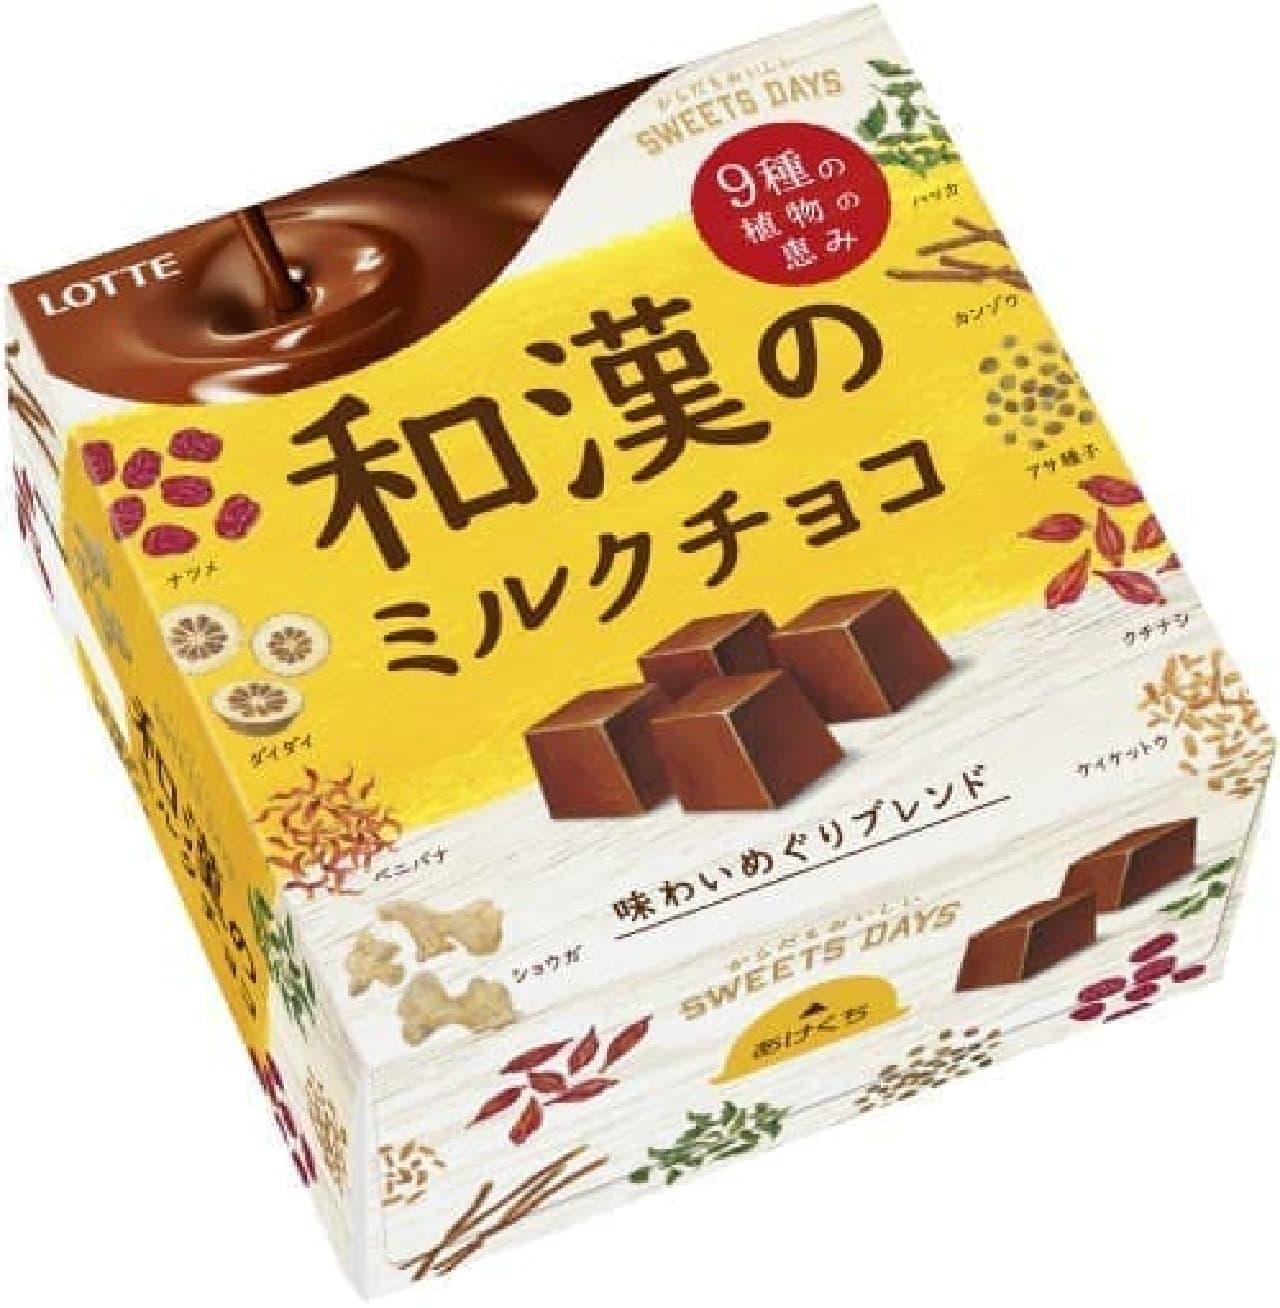 ロッテ「和漢のミルクチョコ<味わいめぐりブレンド>」